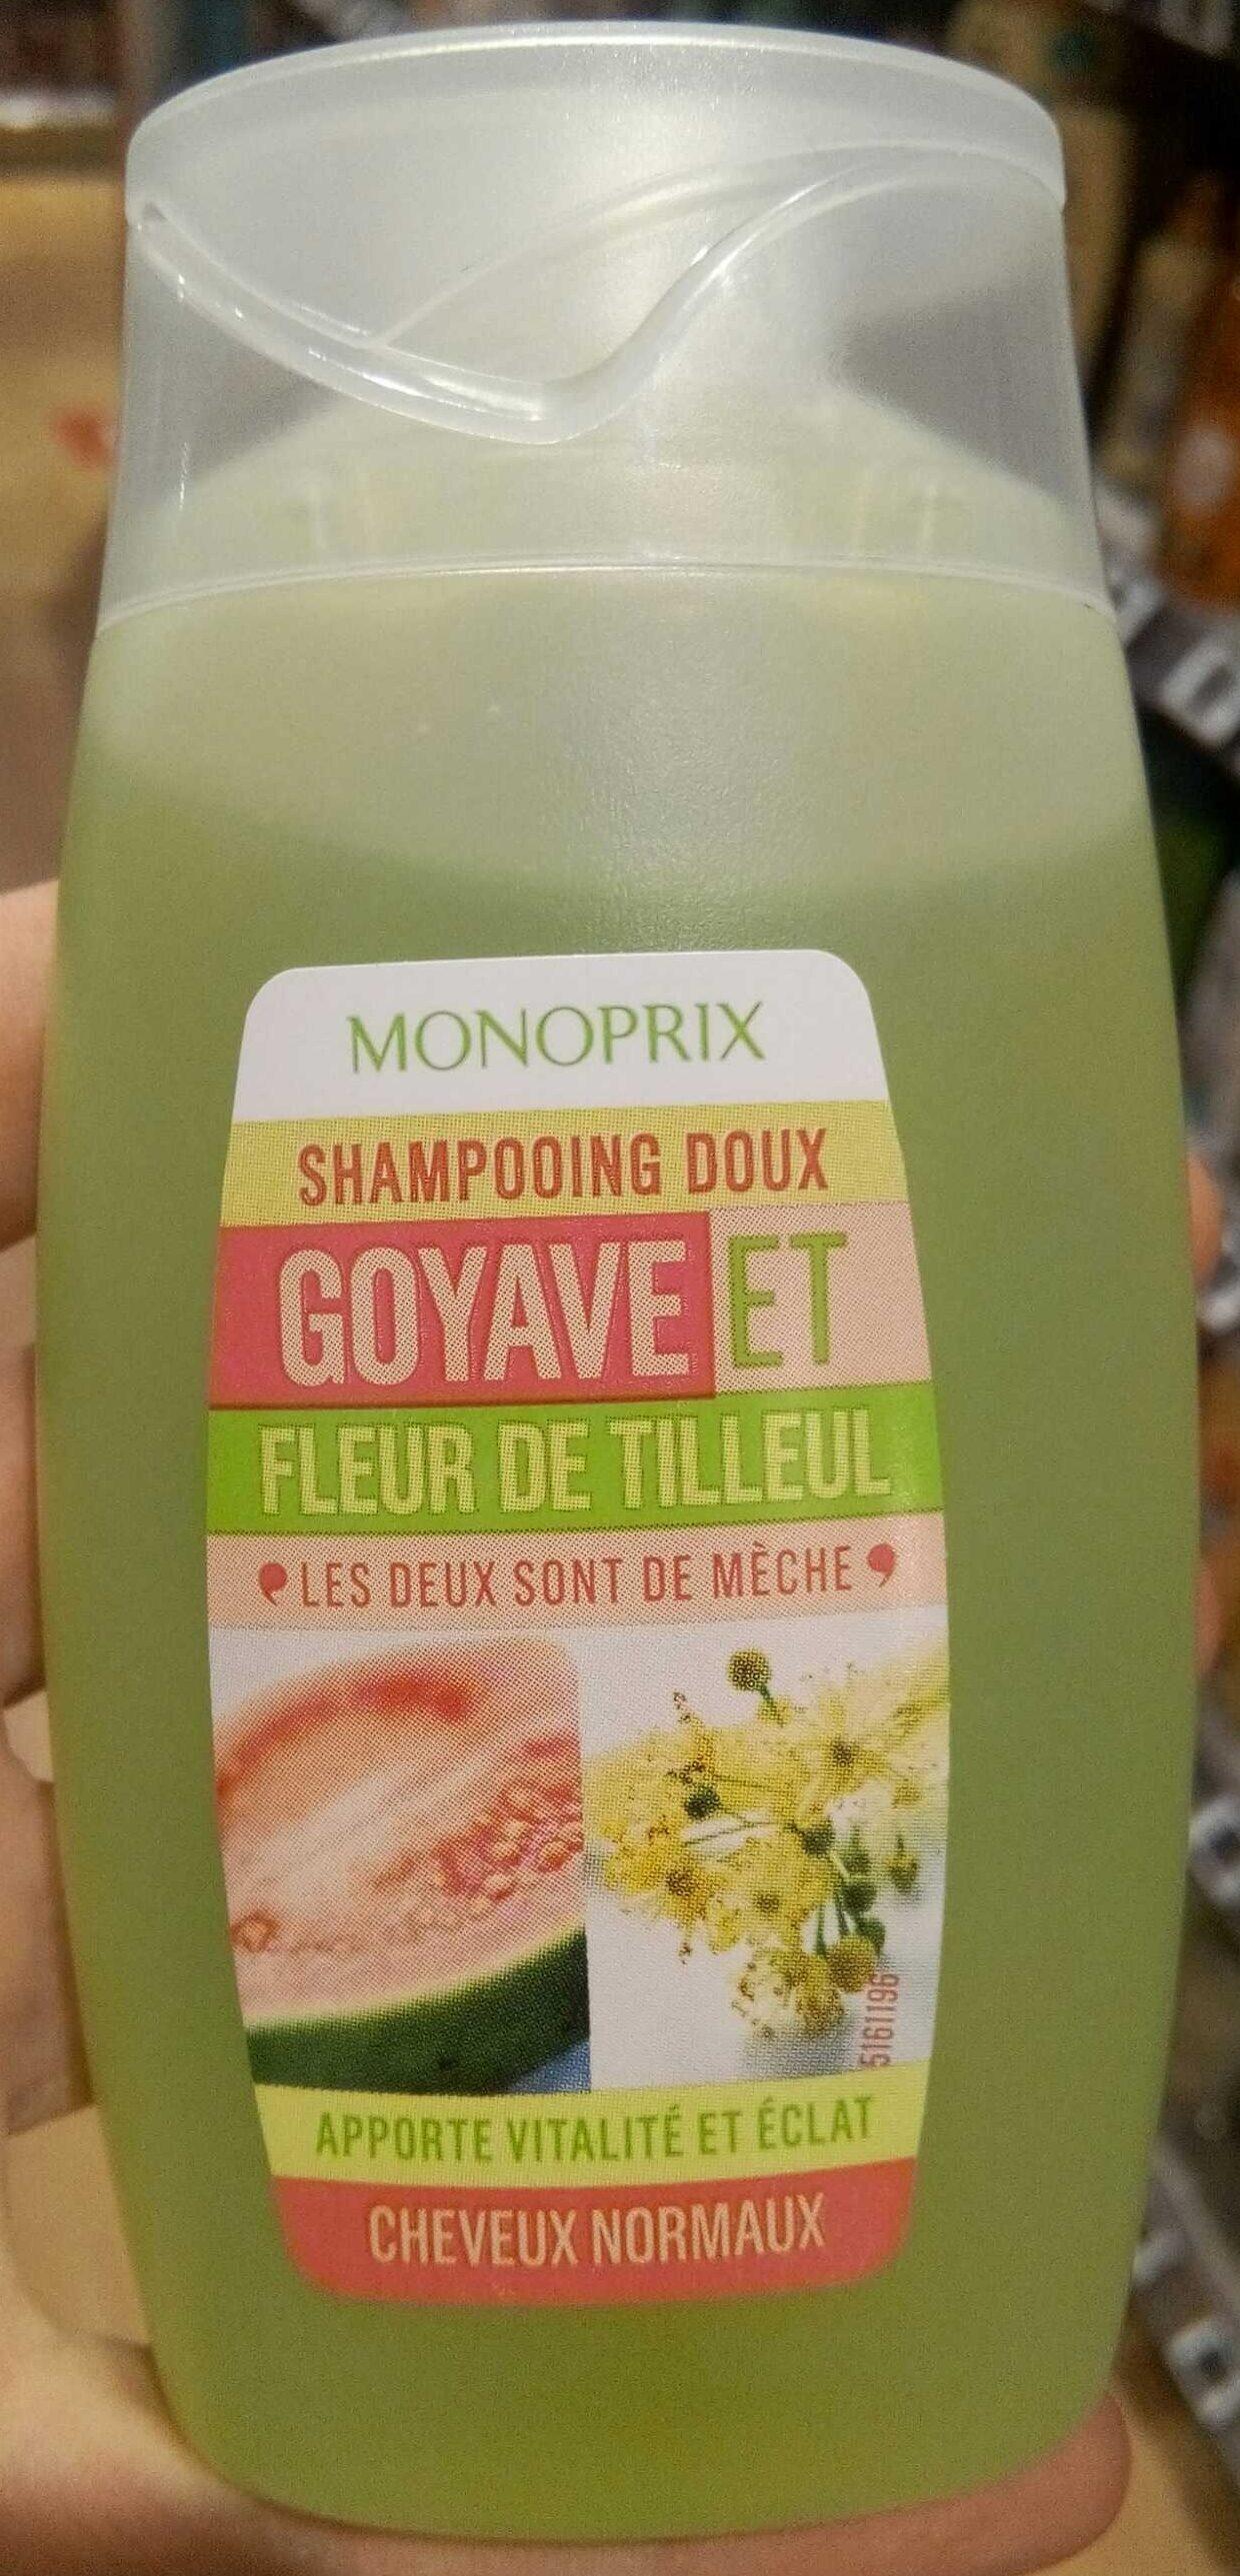 Shampooing doux goyave fleur de tilleul - Product